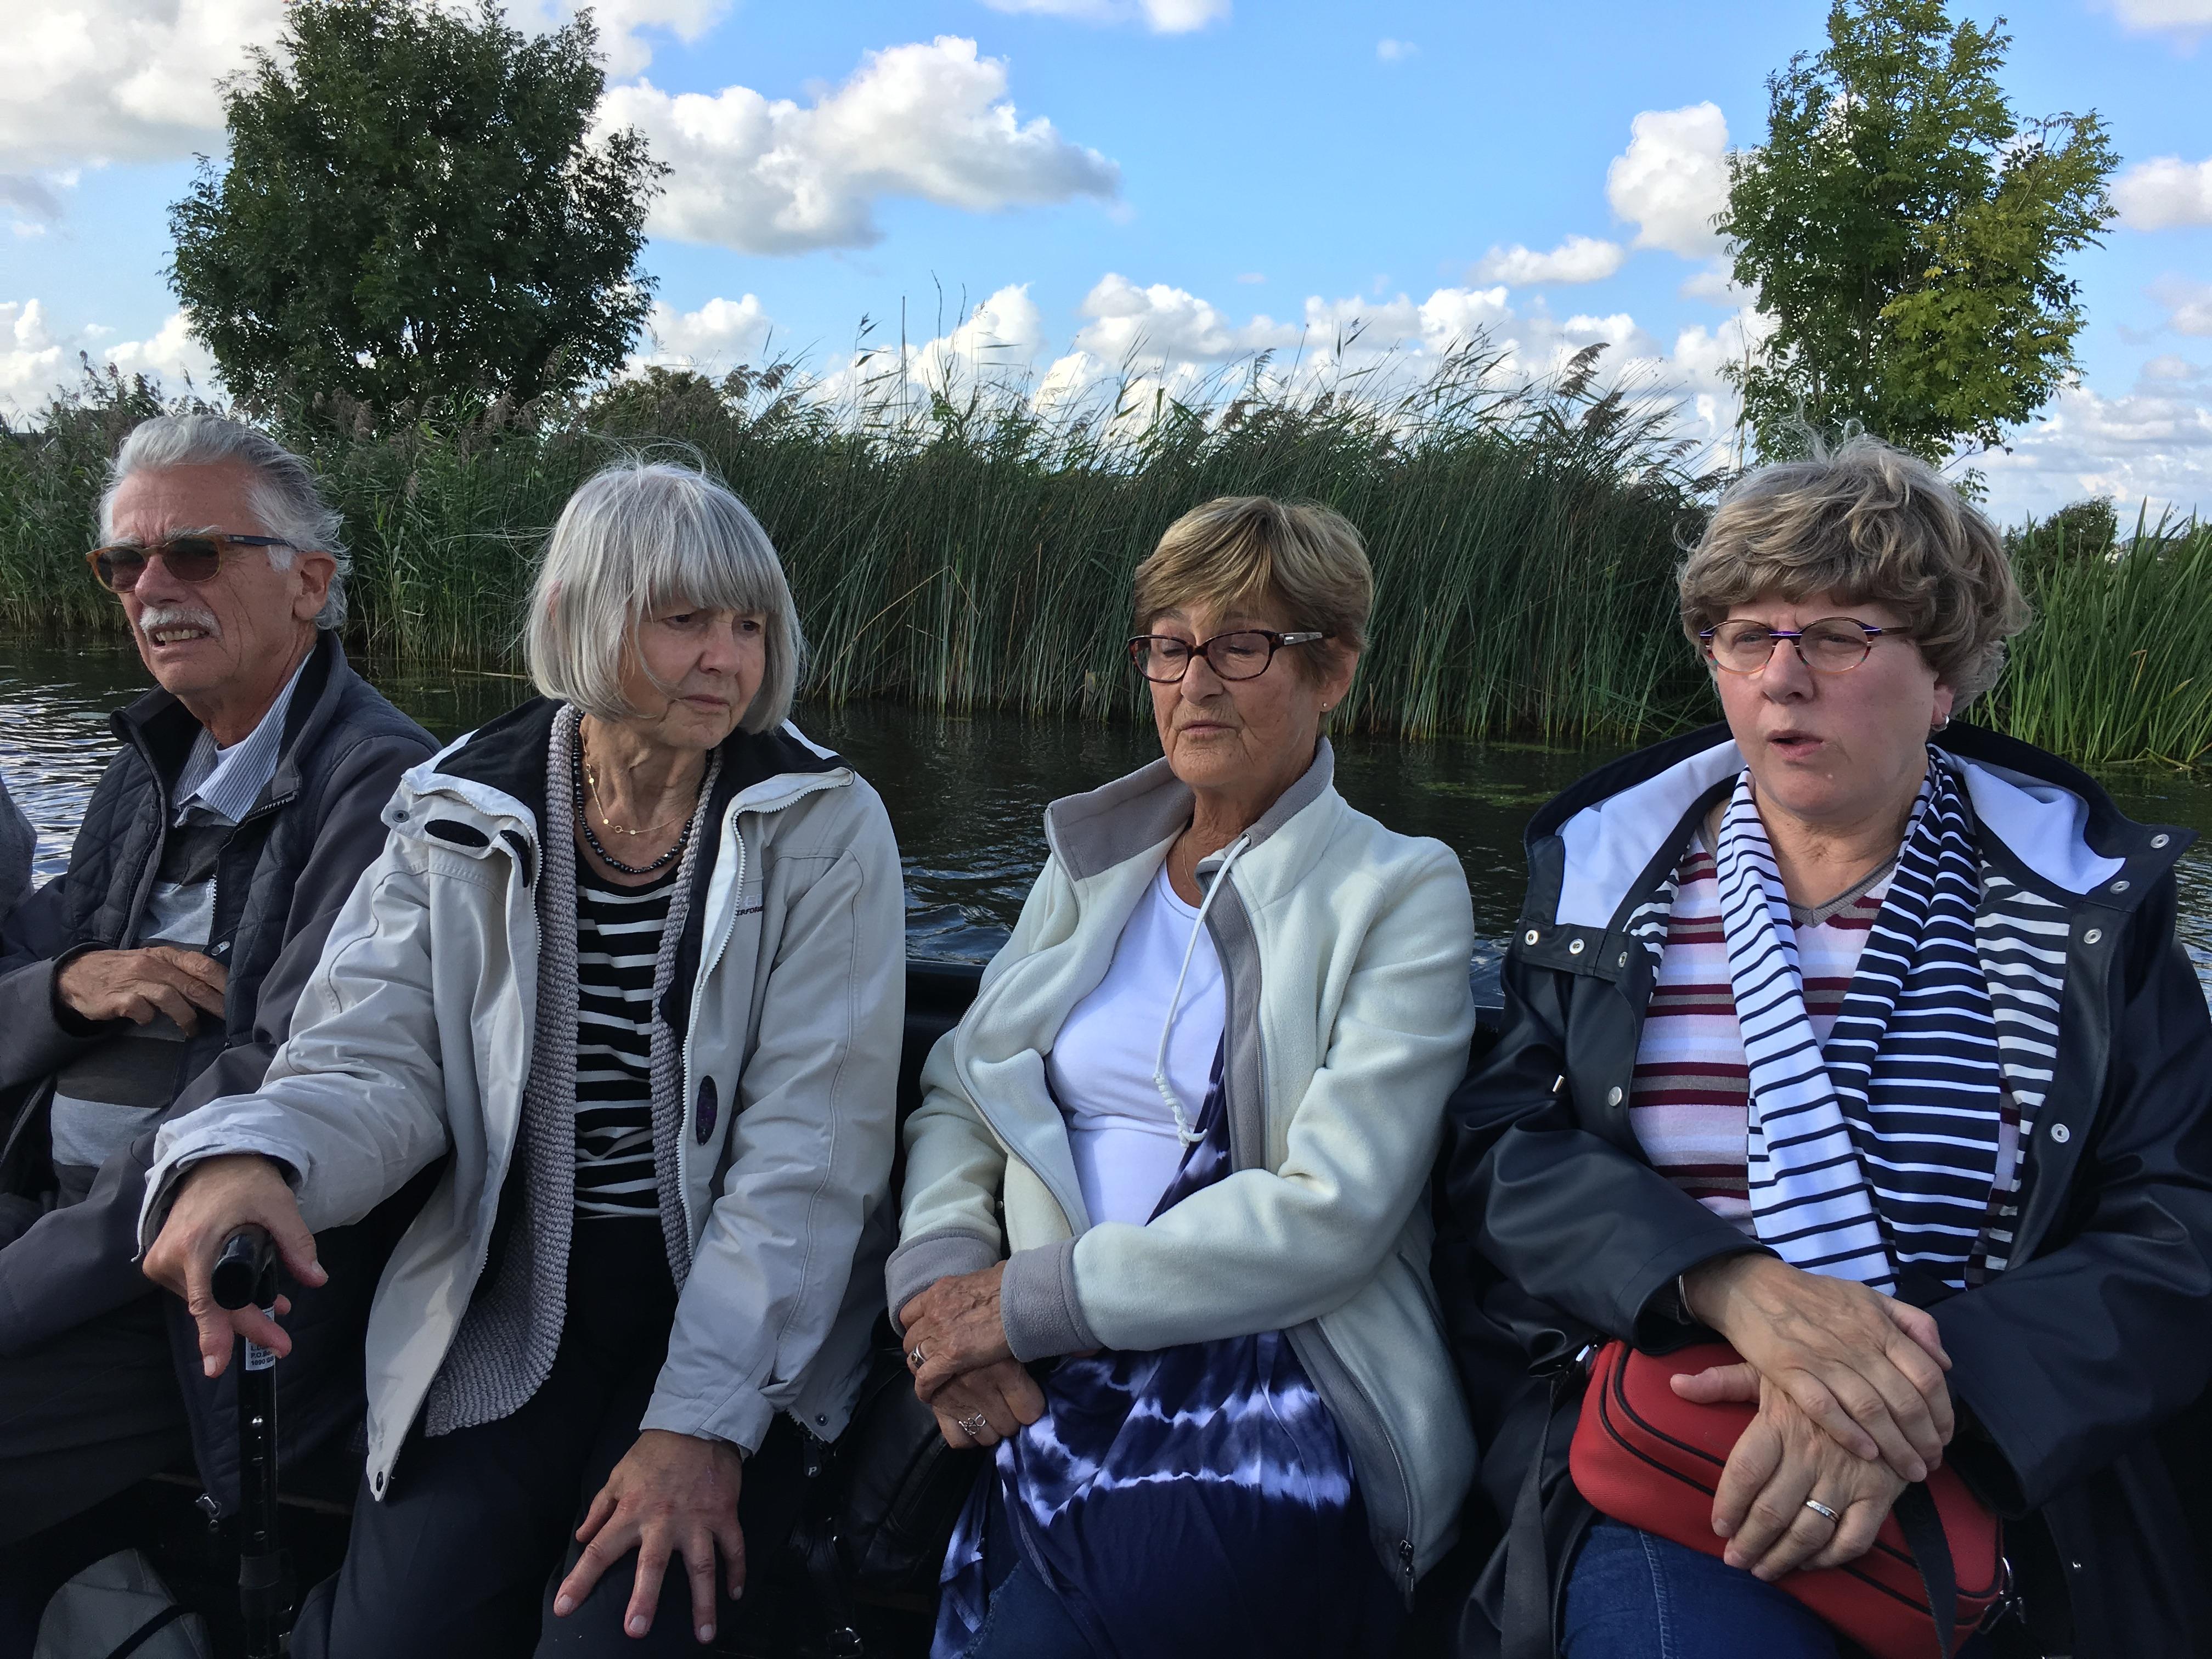 Fred vd V, Andy, Tineke en Brigitte